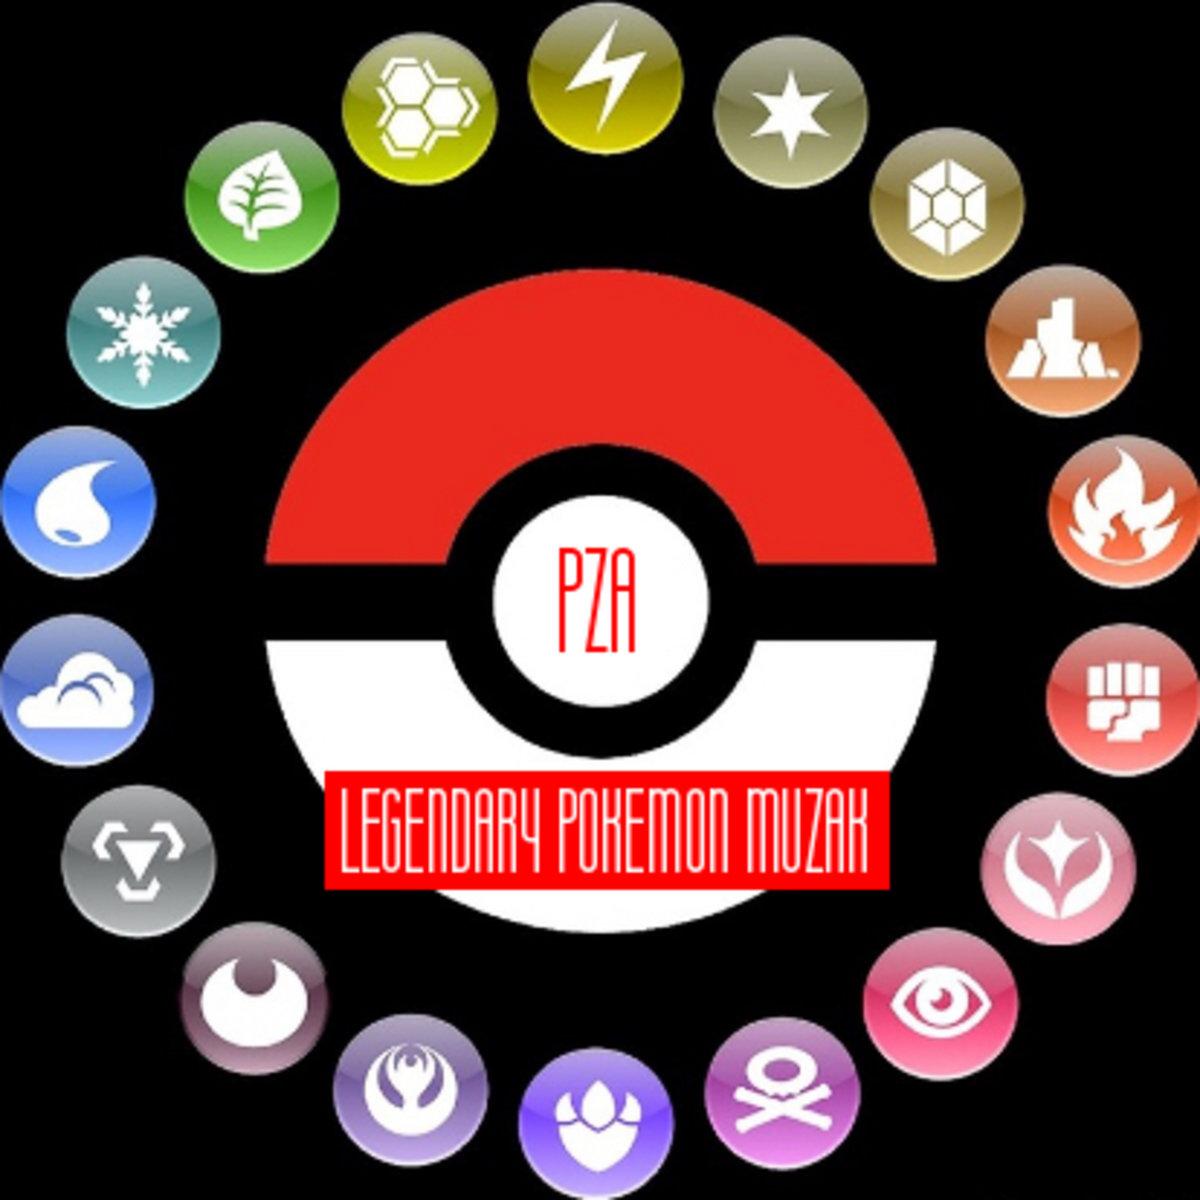 legendary pokemon muzak pza